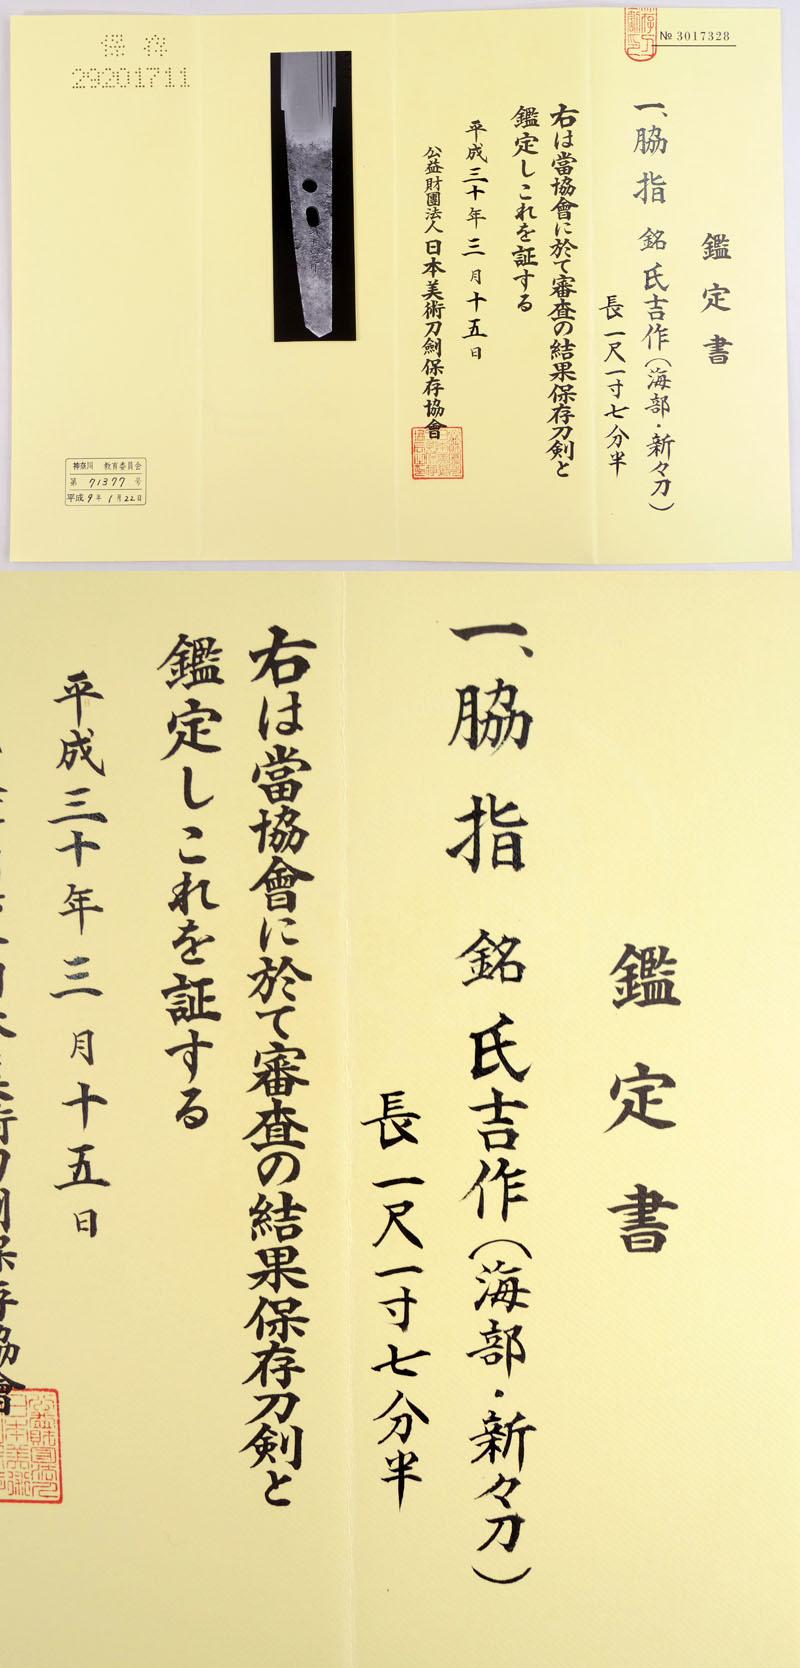 氏吉作(海部・新々刀) Picture of Certificate